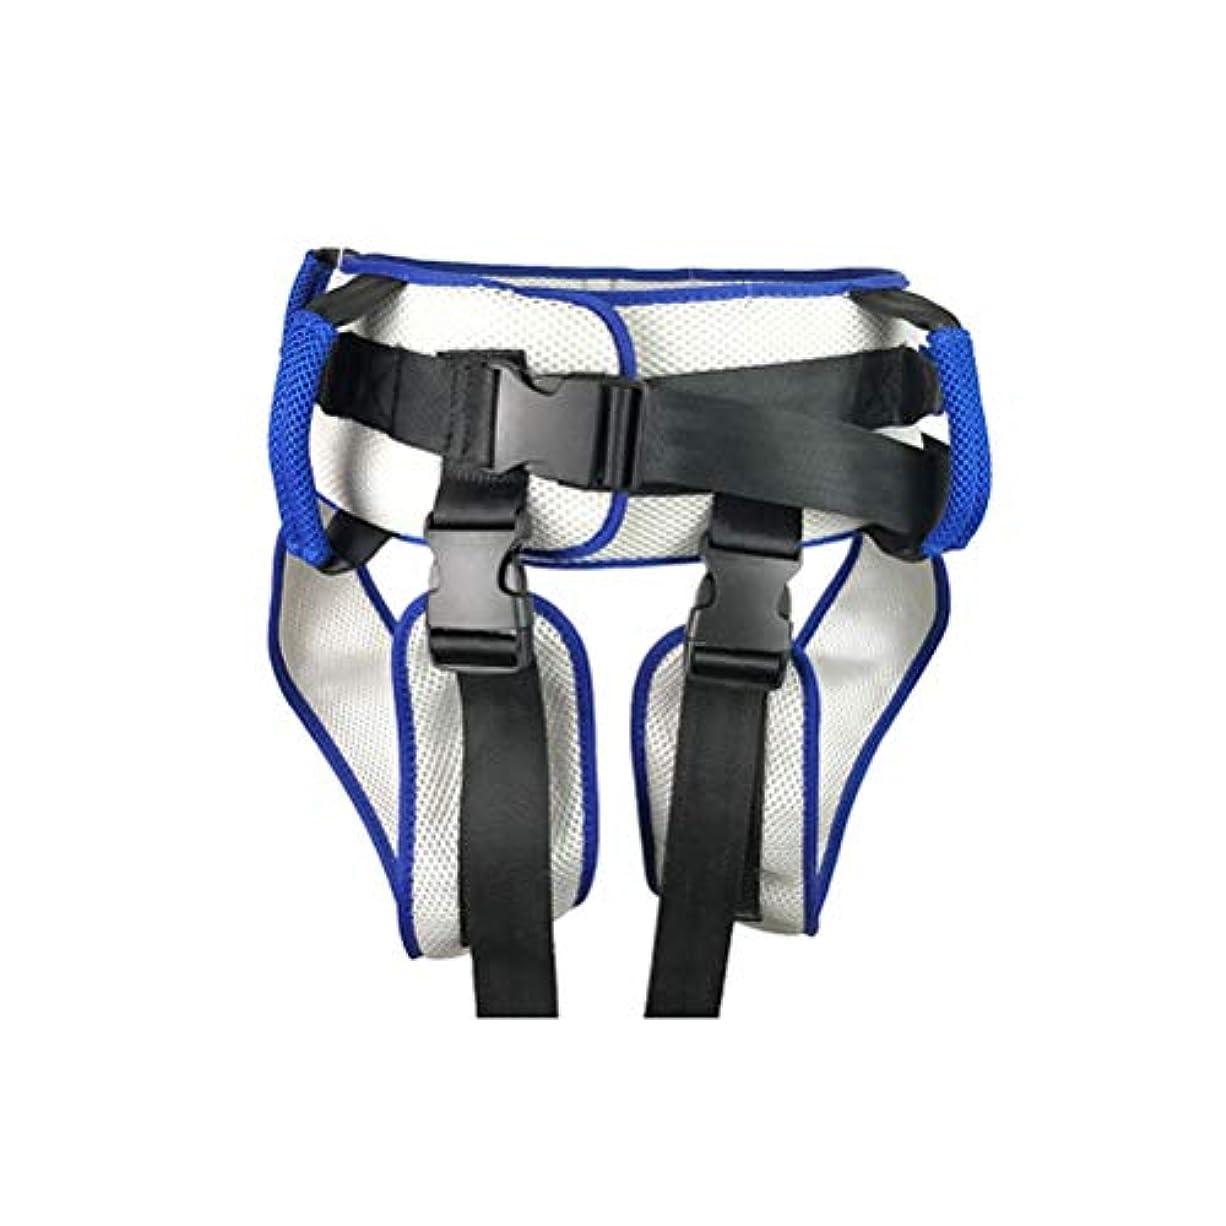 HEALLILY 足のループ付きHEALLILYトランスファーベルト患者補助トランスファースリングリハビリテーションベルト下肢歩行立ちトレーニング用具(青)